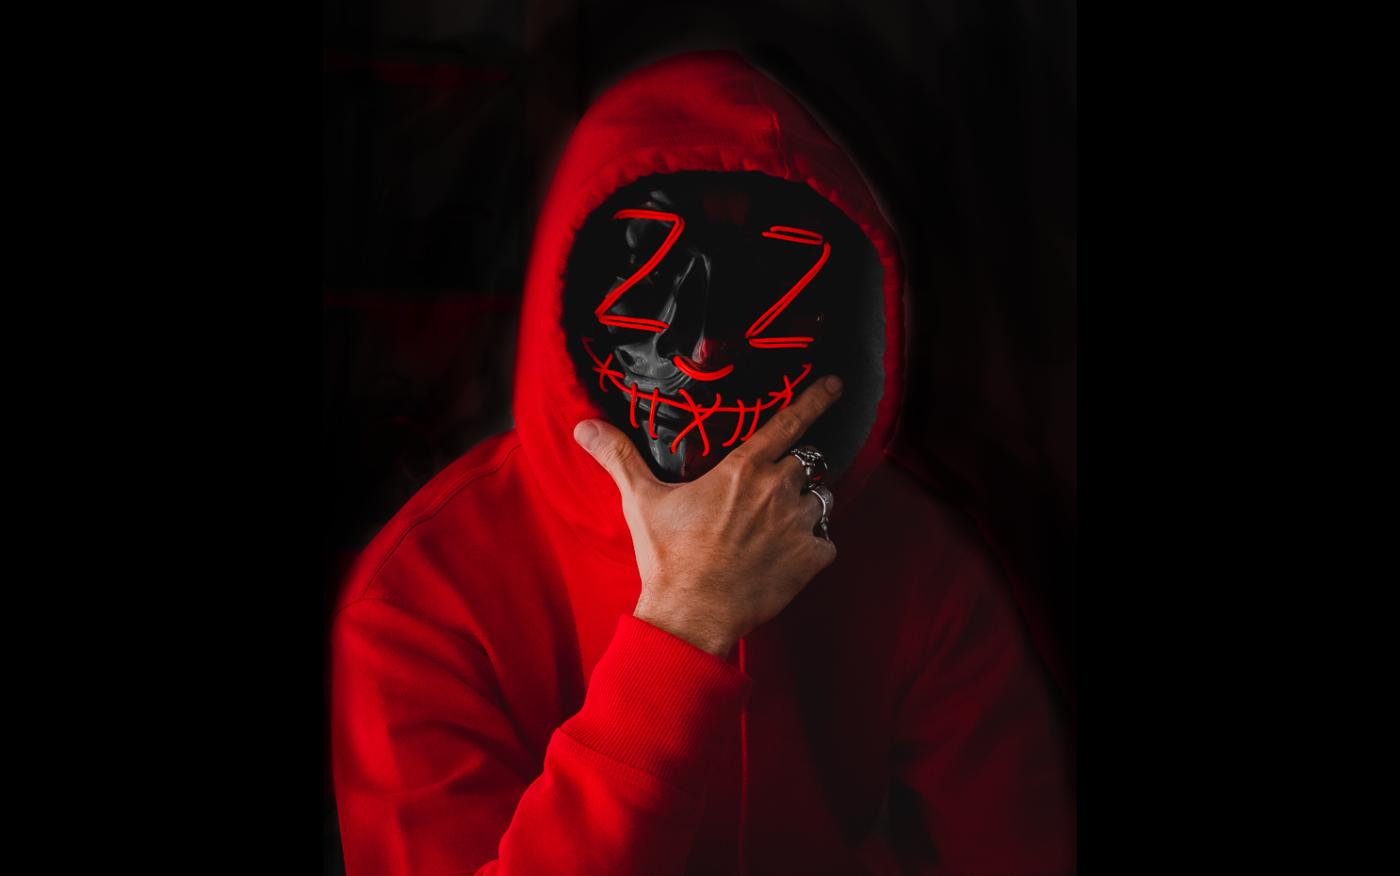 Outlaw-BOZZ-fala-de-identidade-sonora-propõe-novidades-e-chega-com-moral-à-cena